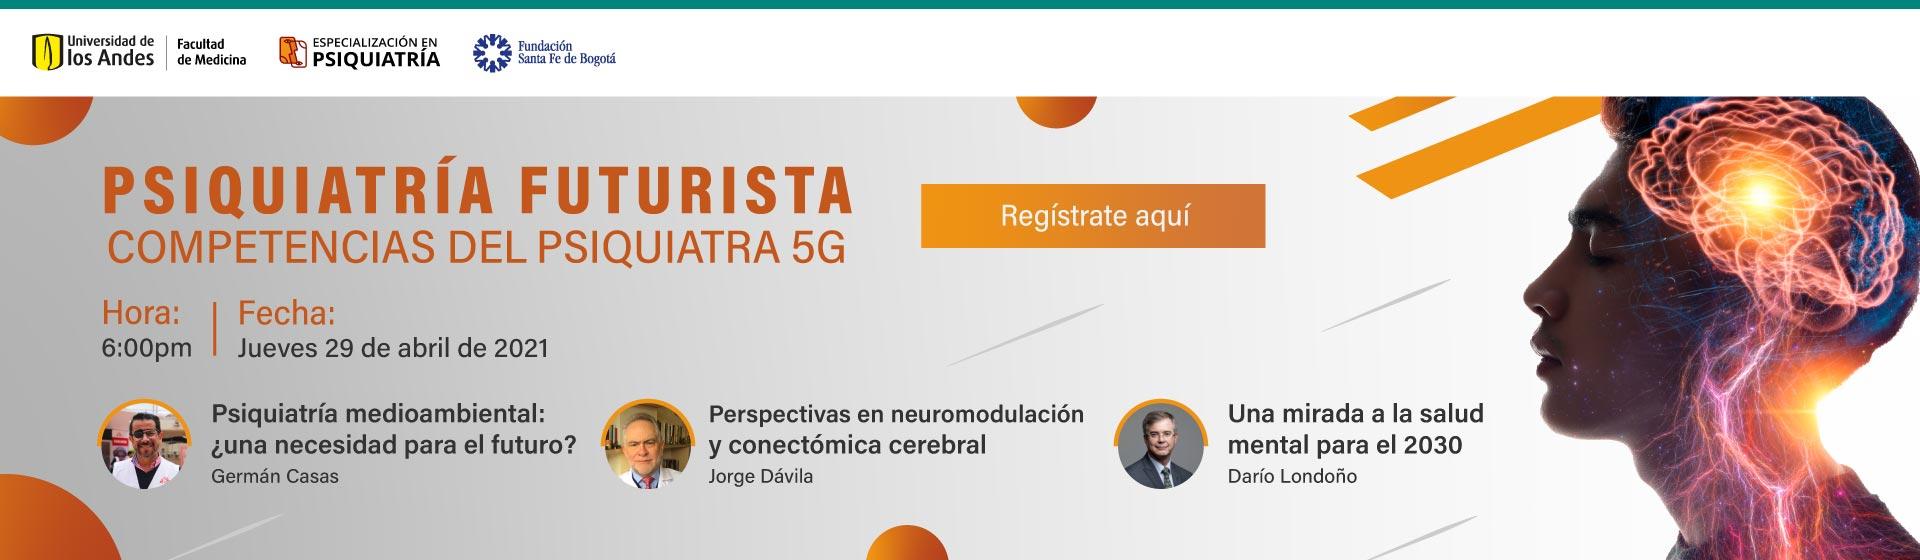 Psiquiatría Futurista: competencias del Psiquiatra 5G